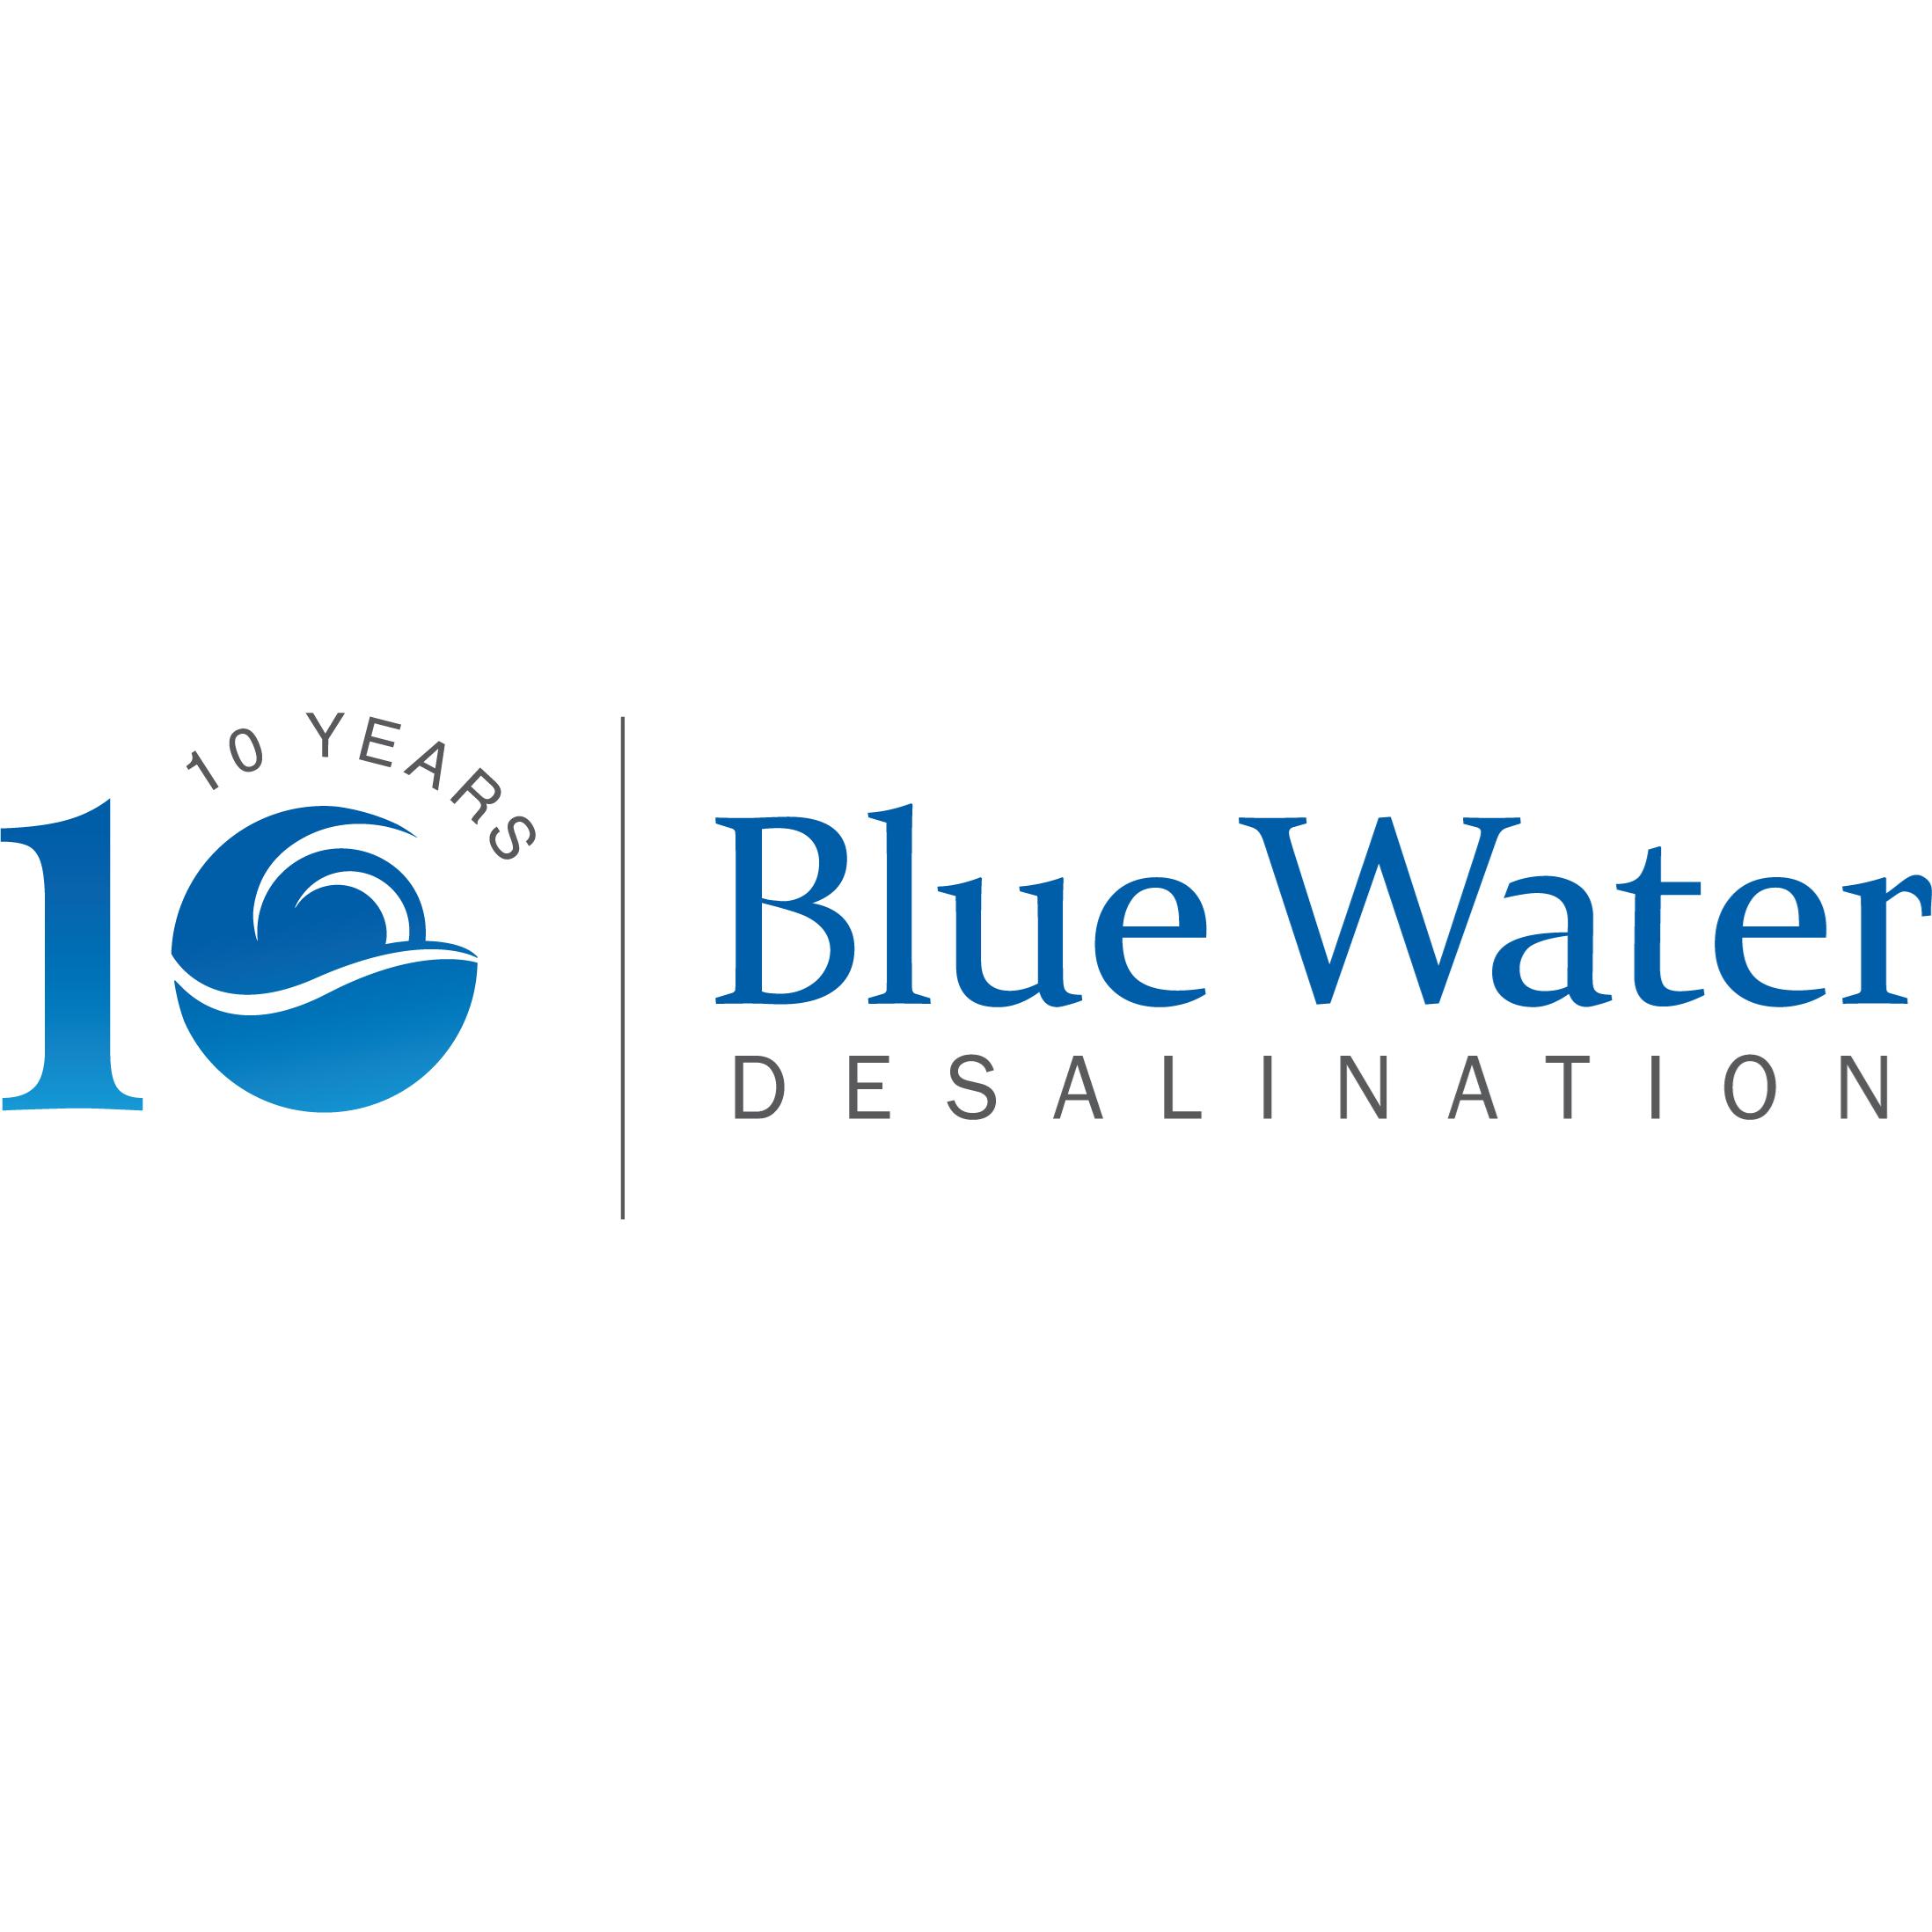 Blue Water Desalination